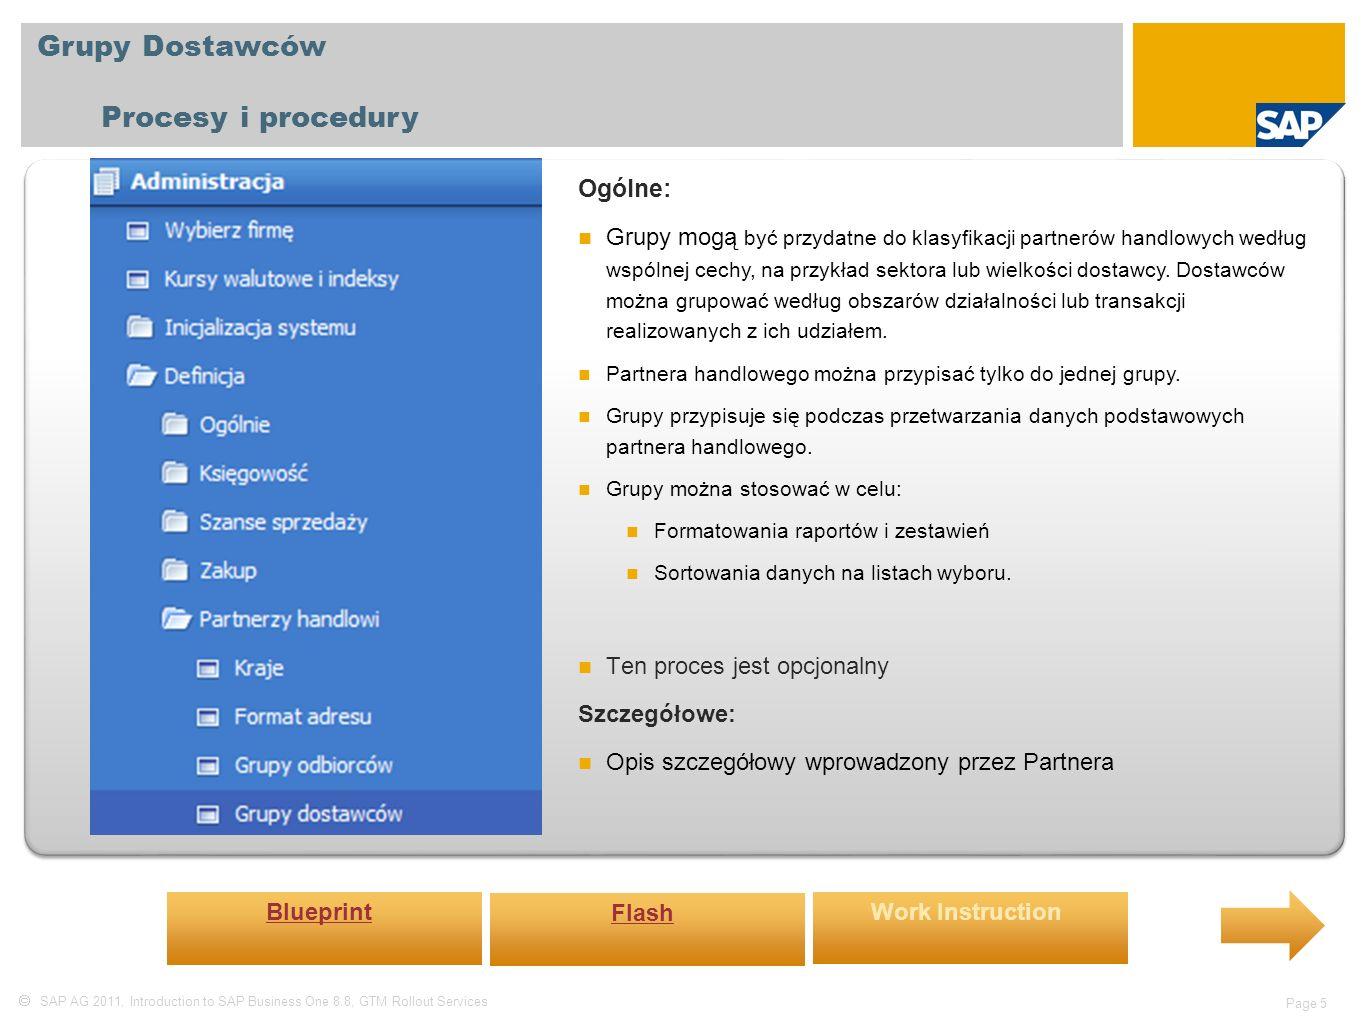  SAP AG 2011, Introduction to SAP Business One 8.8, GTM Rollout Services Page 26 Numery katalogowe towarów Procesy i procedury Ogólne: Istnieje możliwość skonfigurowania systemu SAP Business One w taki sposób, aby numery katalogowe odbiorcy i dostawcy mogły być wykorzystywane równolegle z numerami towarów własnego przedsiębiorstwa.